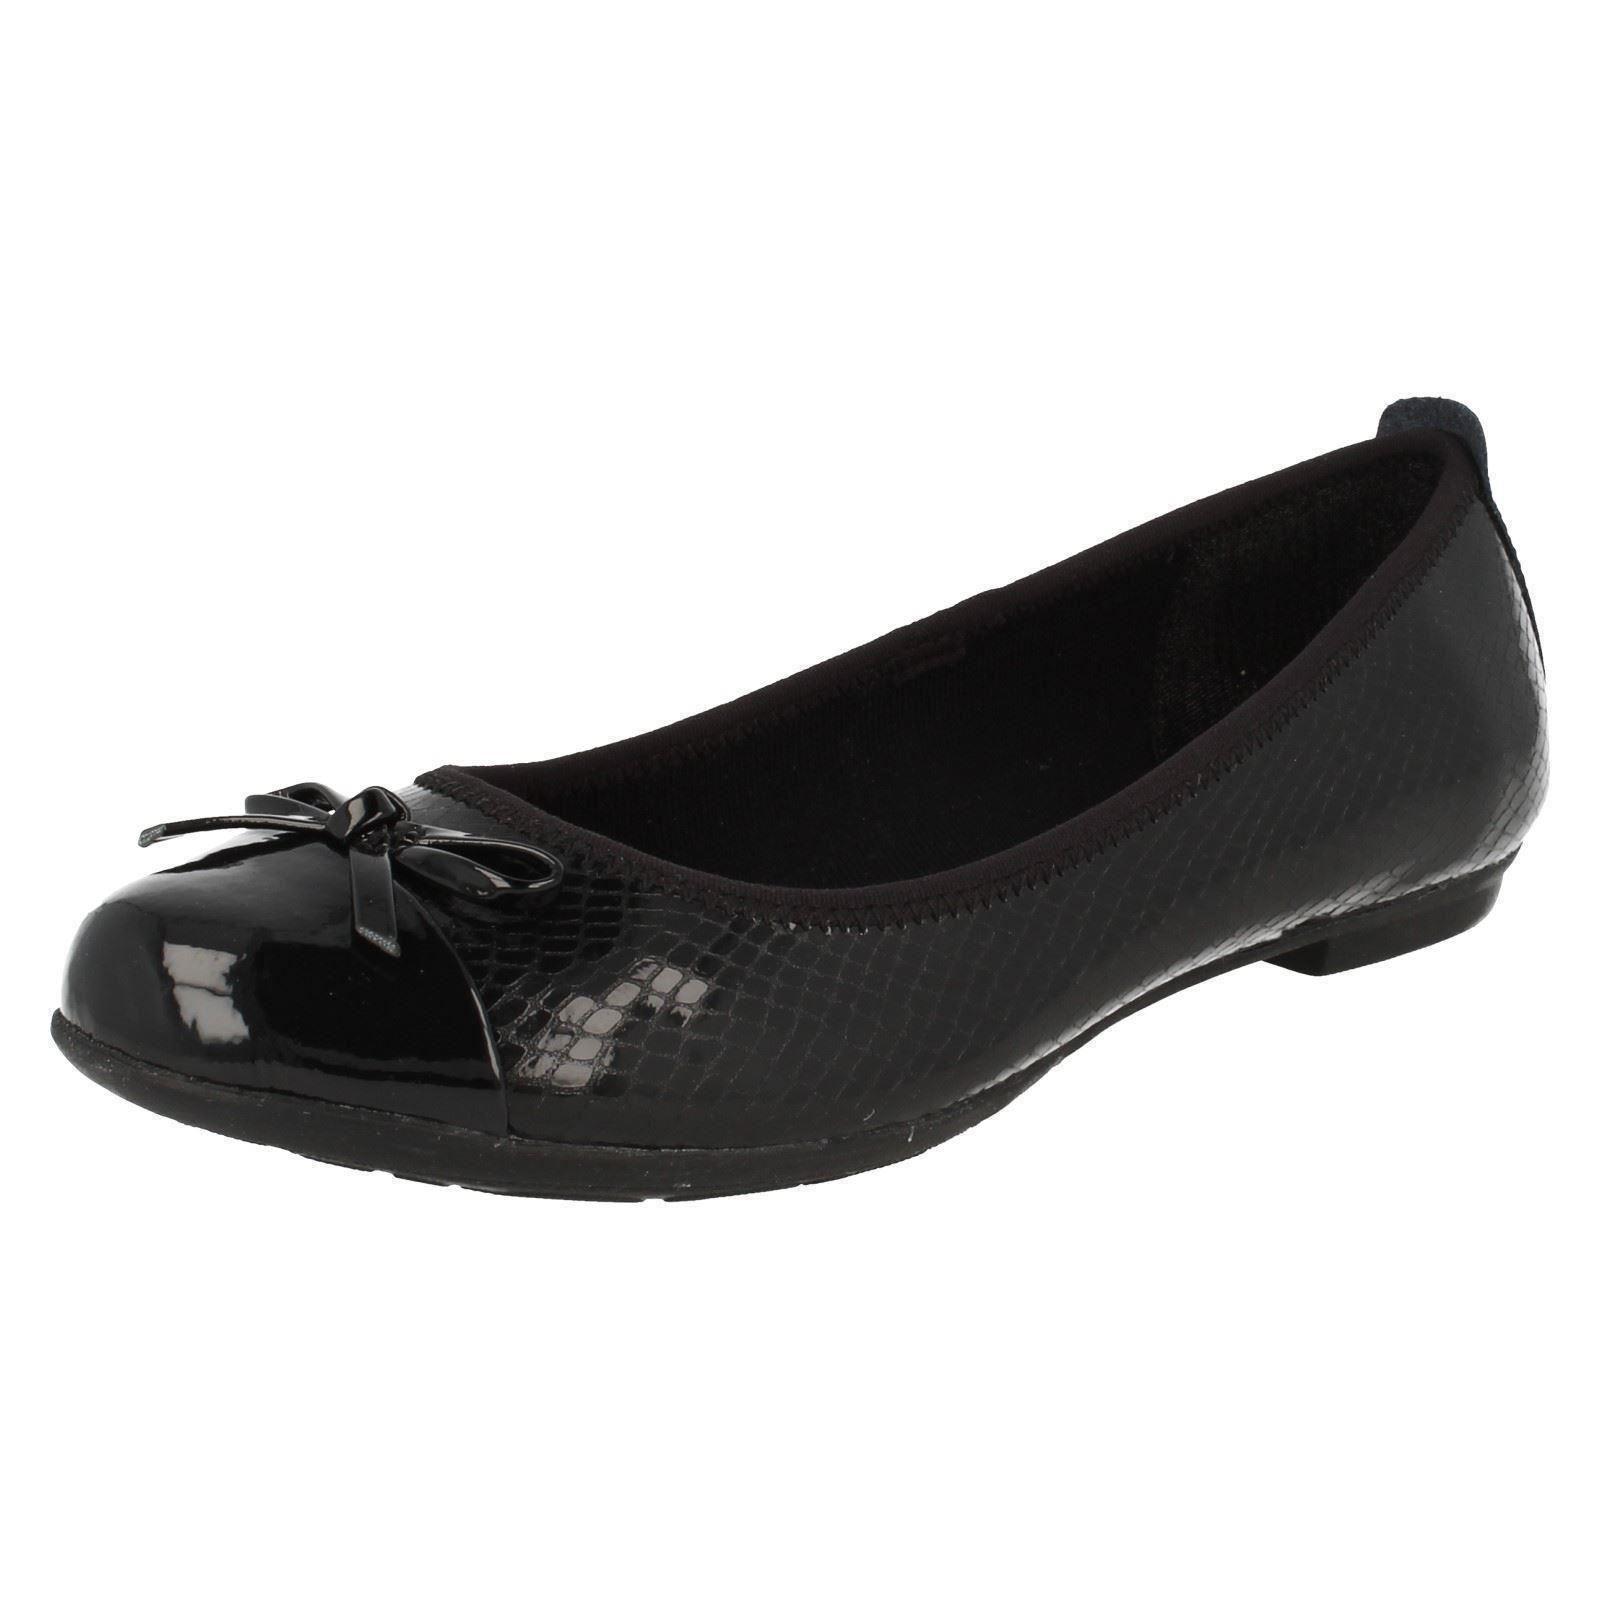 Senior Girls Bootleg by Clarks Slip On Shoes Tizz Hope